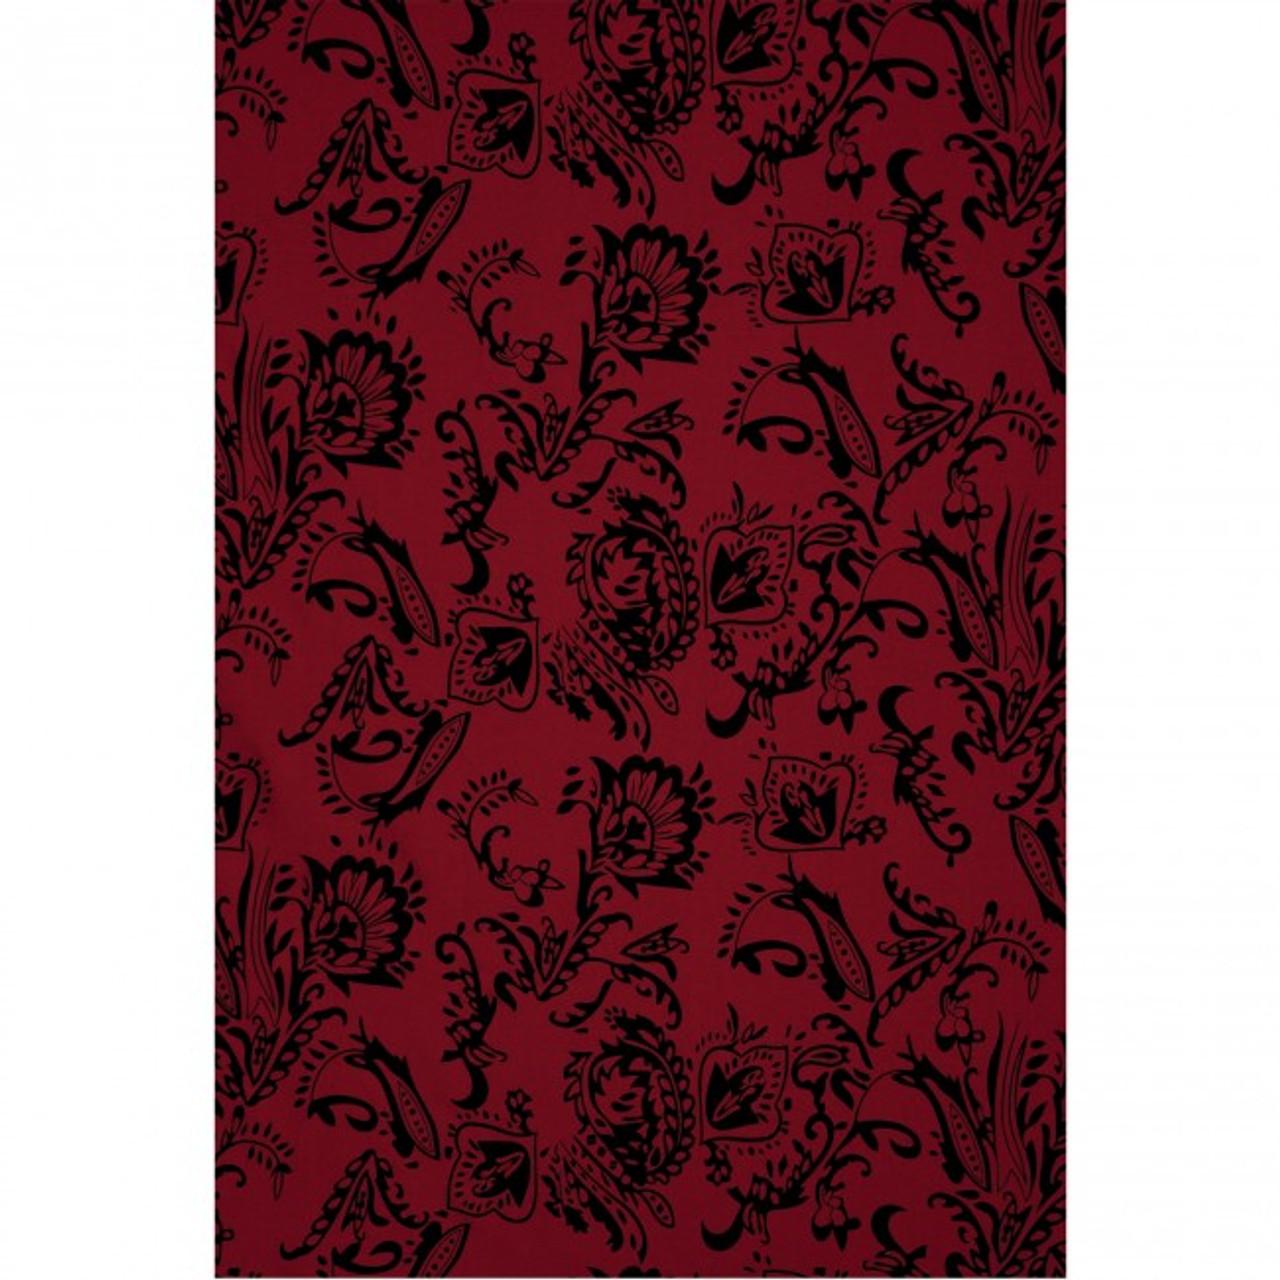 Westcott 5' x 7' X-Drop Backdrop - Ornate #593